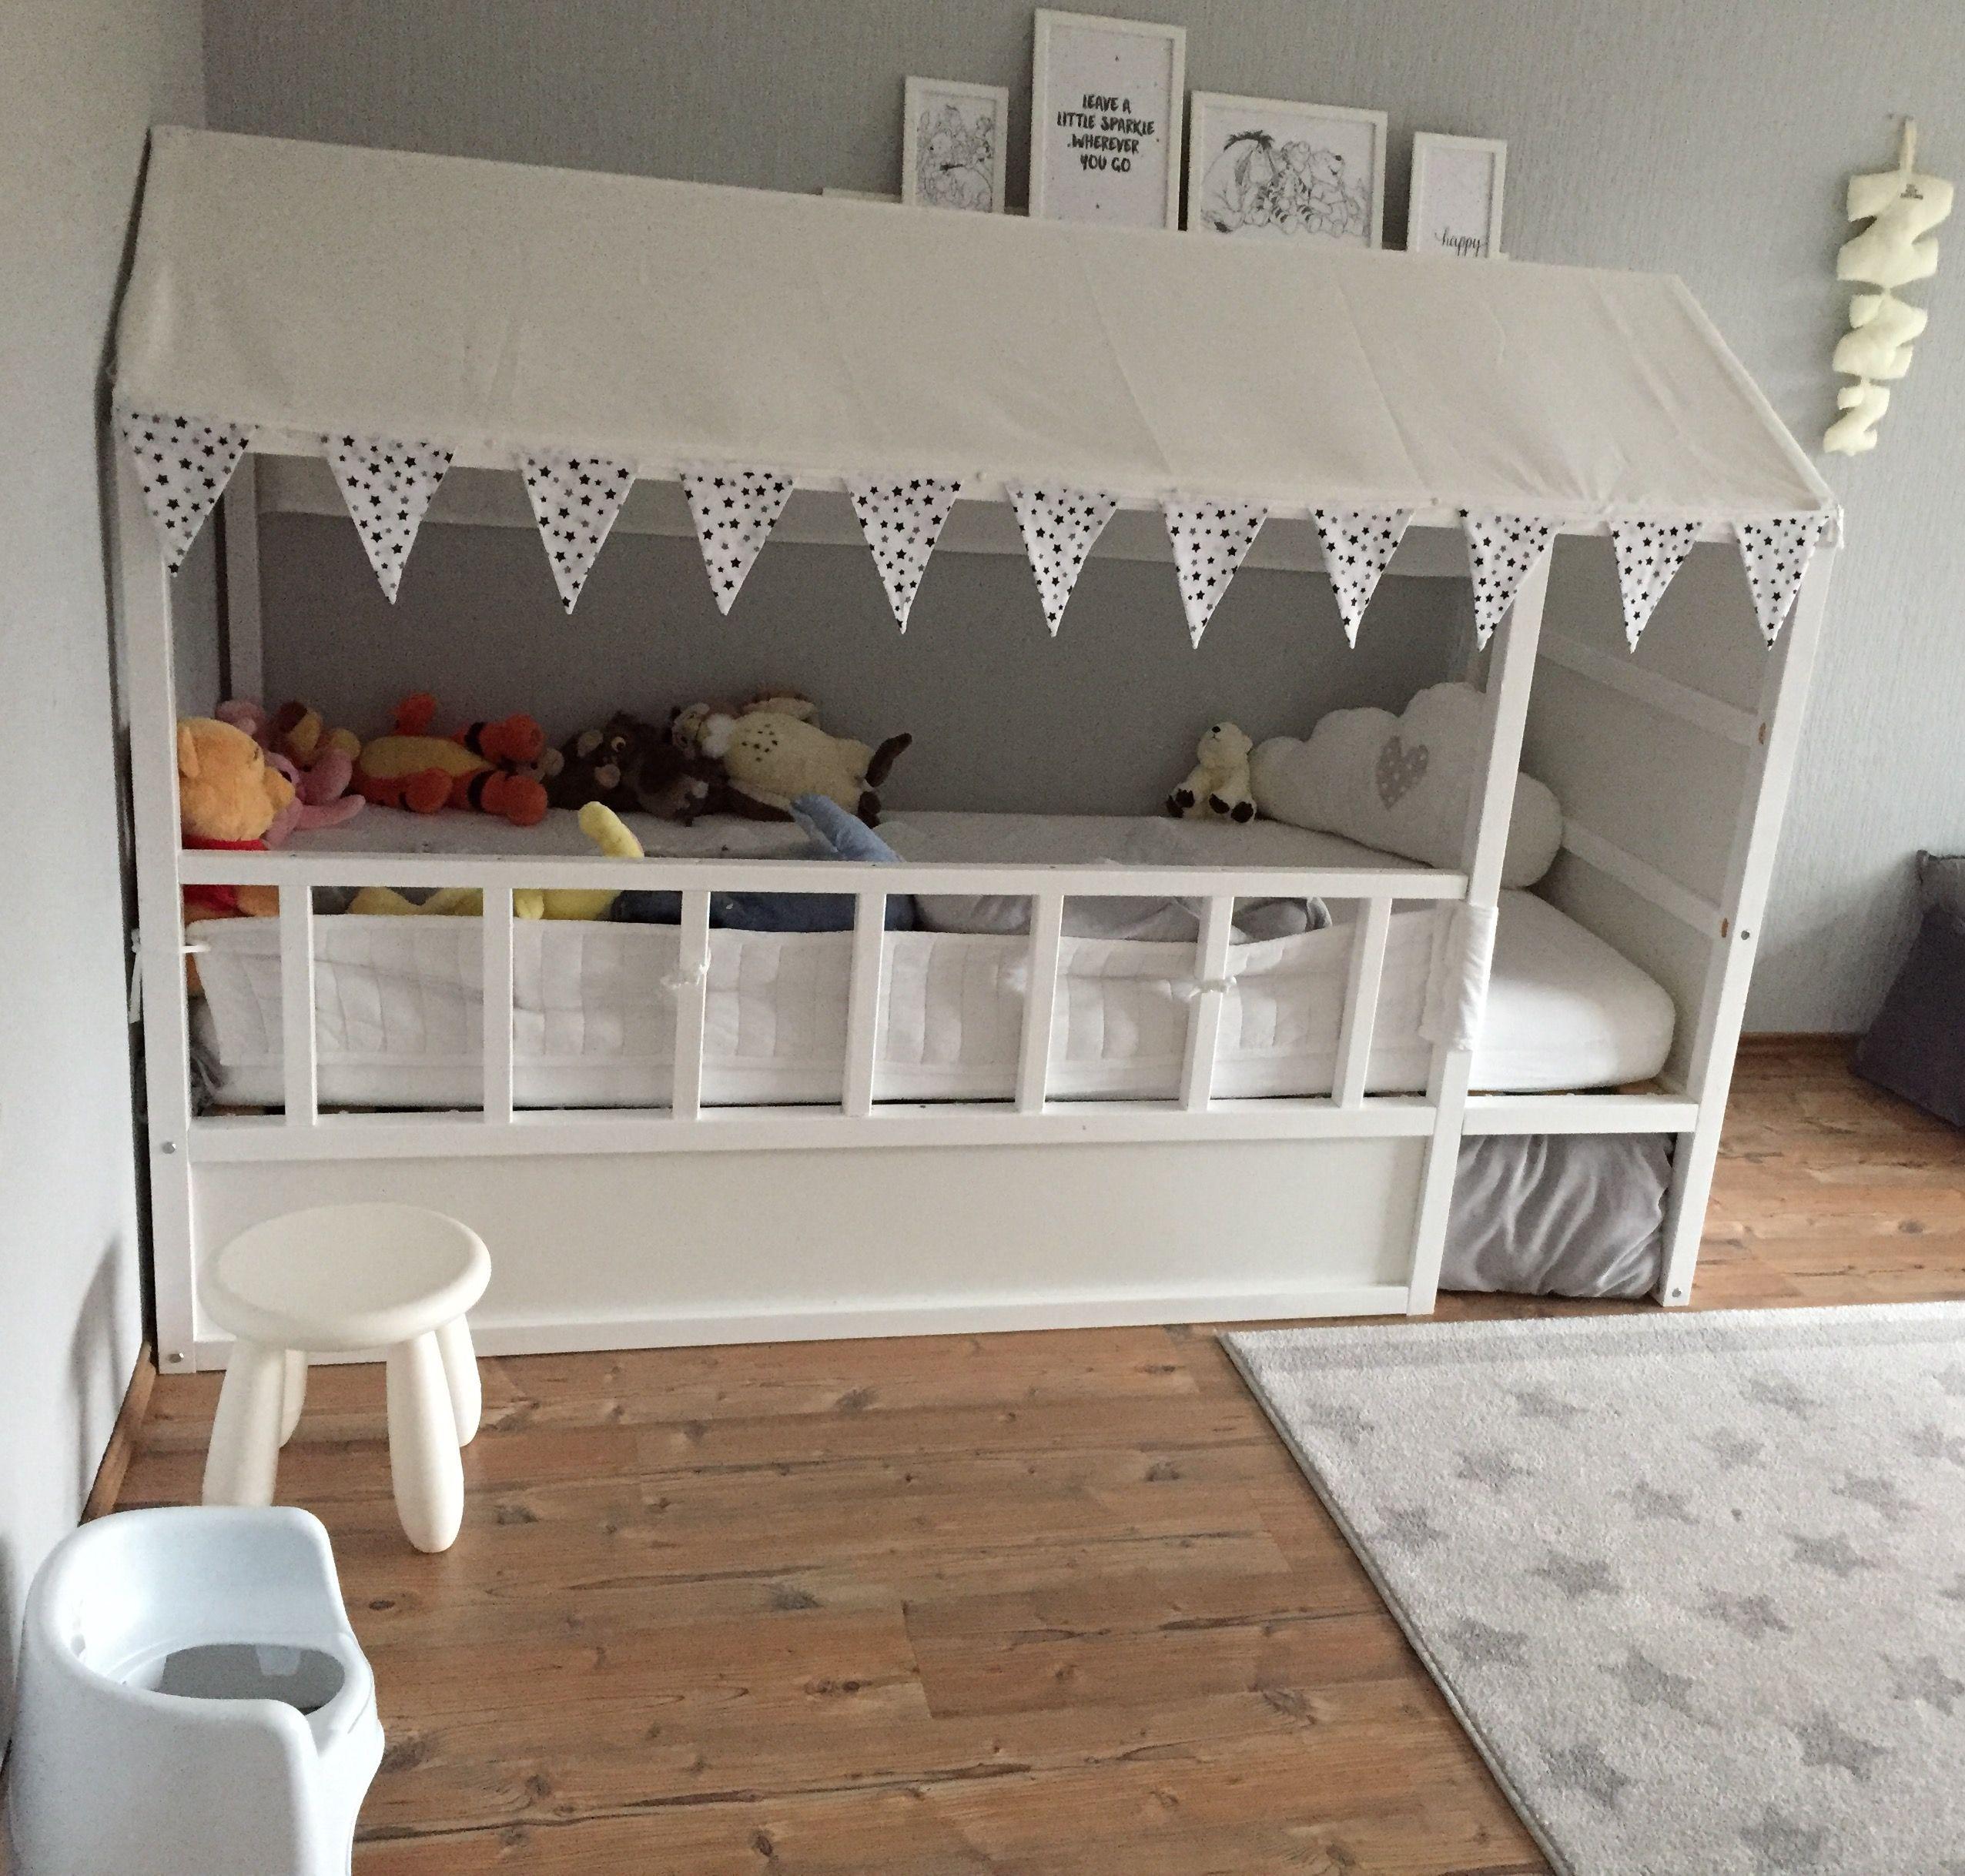 Full Size of Ikea Bett Kinder Mommo Design Beds Hacks Wohnen Kura Designer Betten Mit Schreibtisch 160x200 Gepolstertem Kopfteil Stapelbar Jugendstil Bei 160x220 Bettkasten Wohnzimmer Ikea Bett Kinder